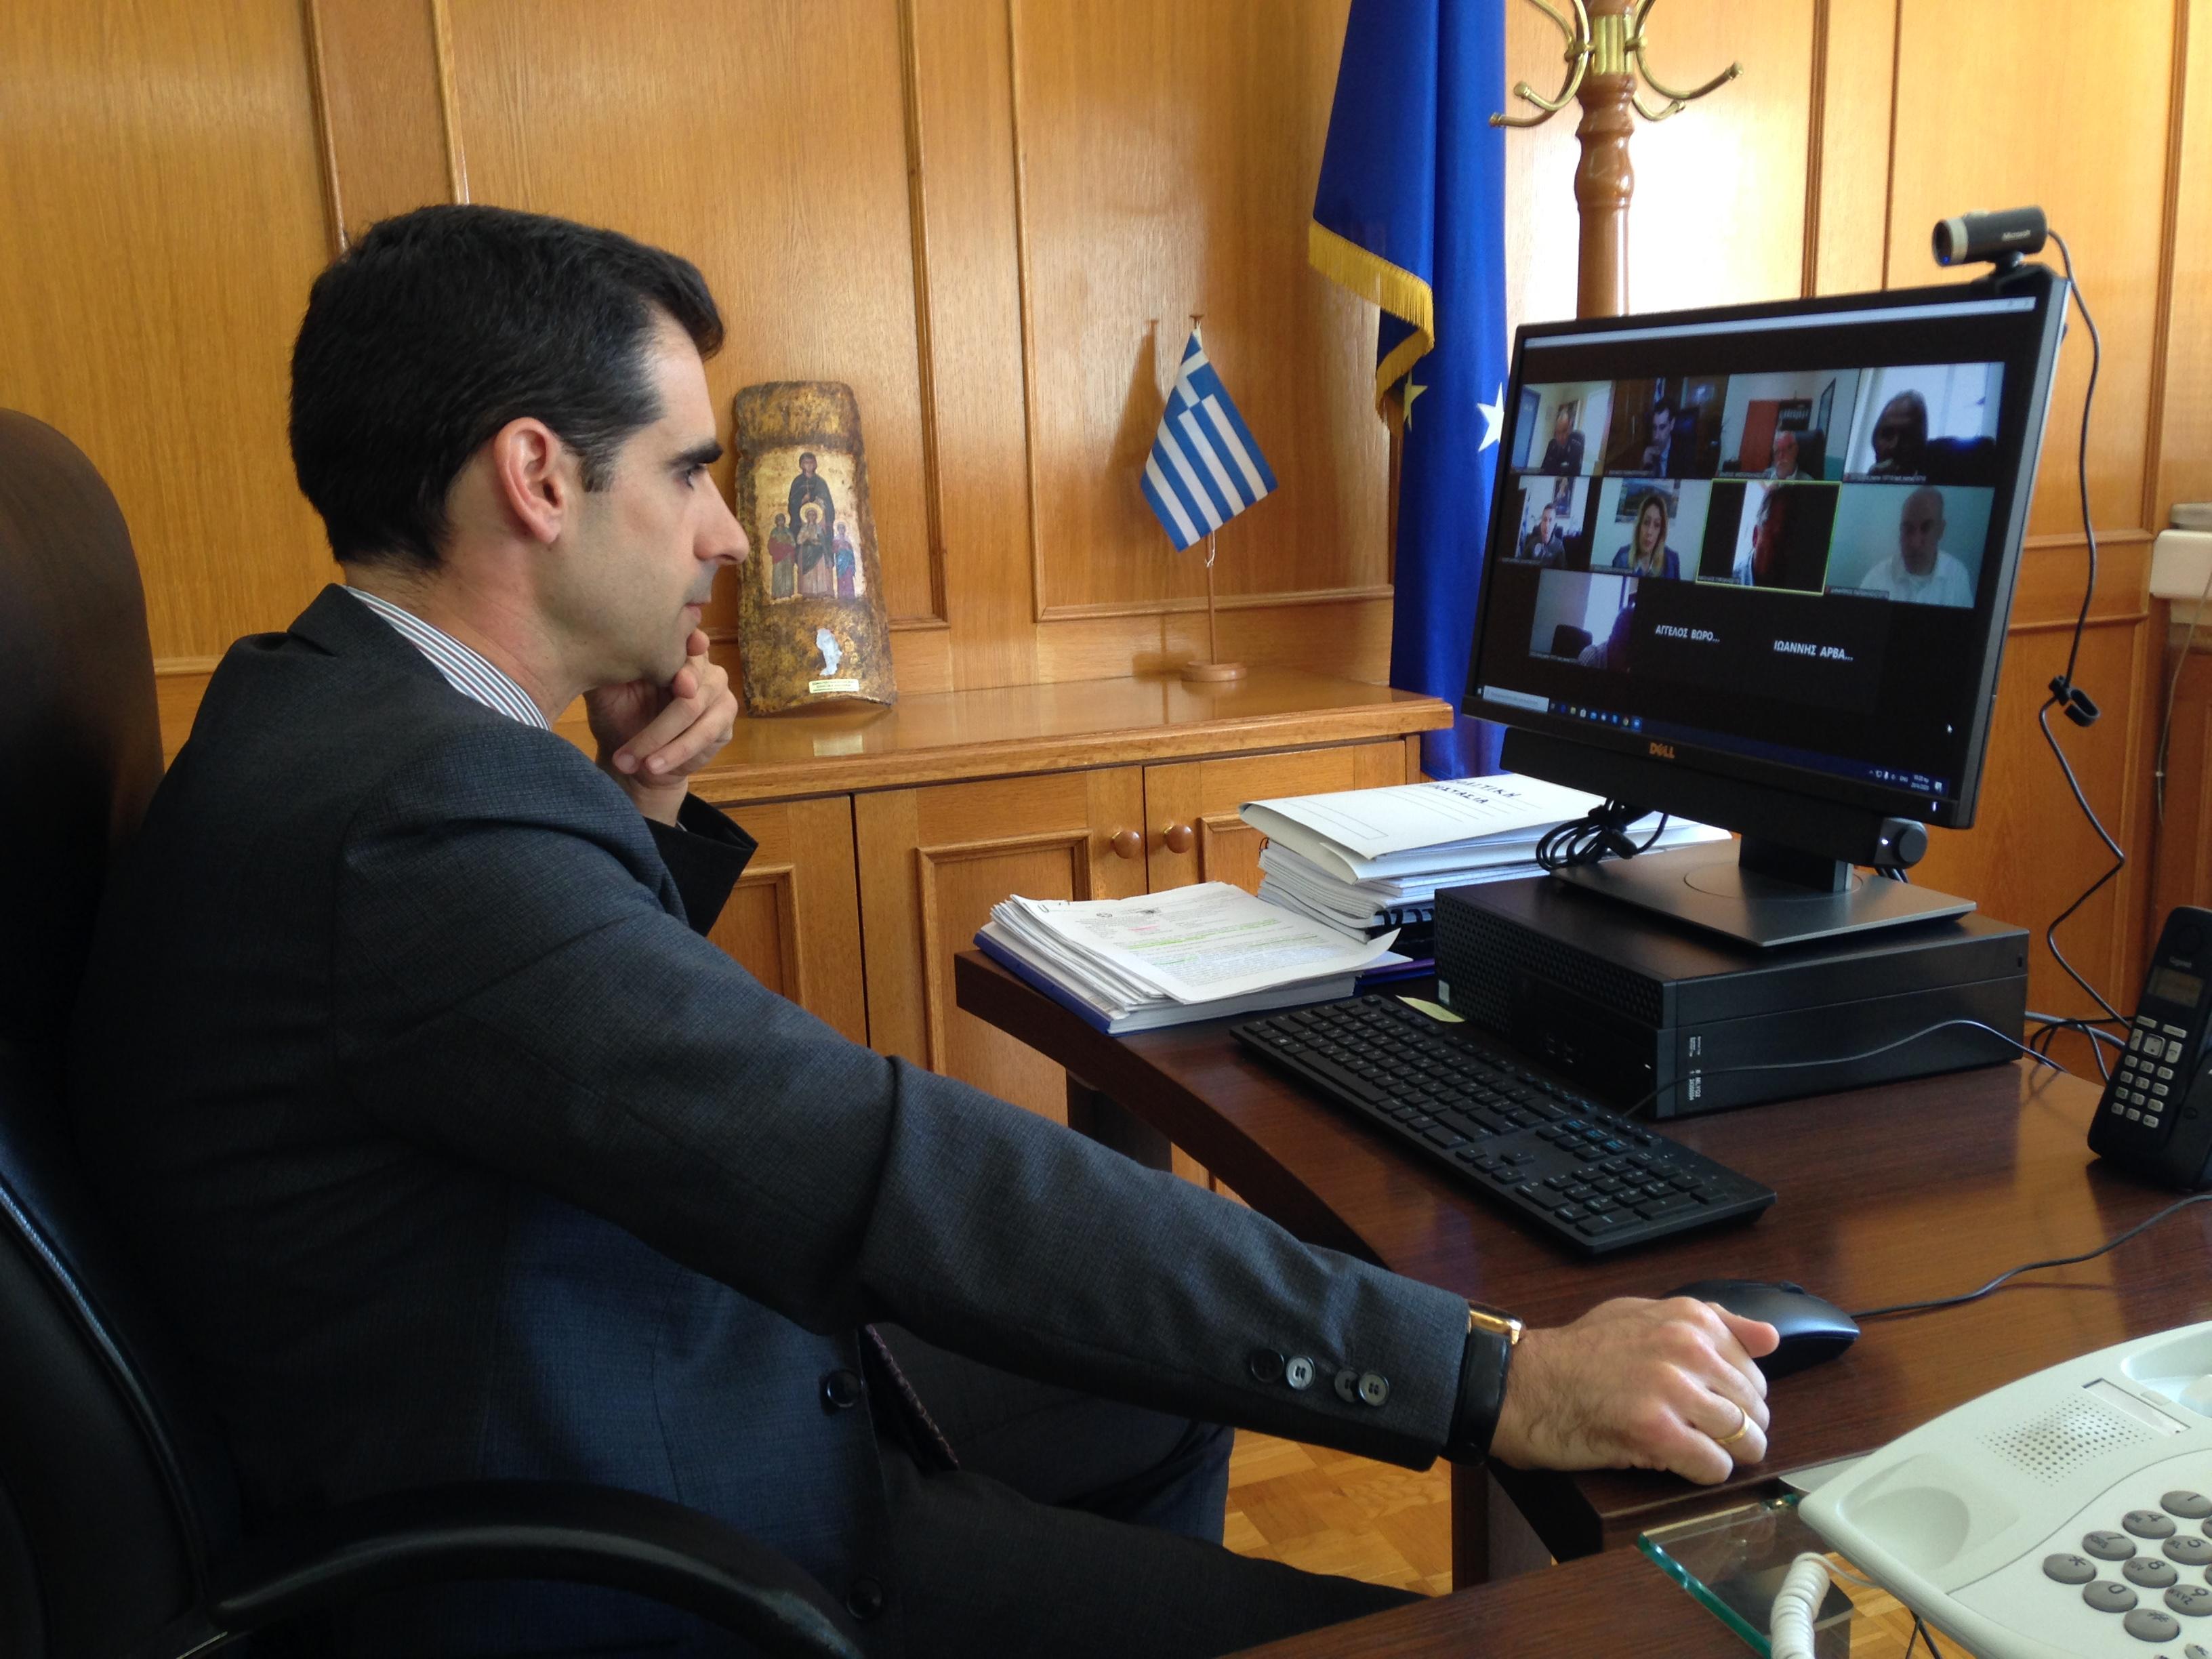 Πύργος: Με τηλεδιάσκεψη η συνεδρίαση του Σ.Ο.Π.Π, ενόψει αντιπυρικής περιόδου 2020,υπό την προεδρία του Αντιπ/ρχη Π.Ε Ηλείας Β. Γιαννόπουλου